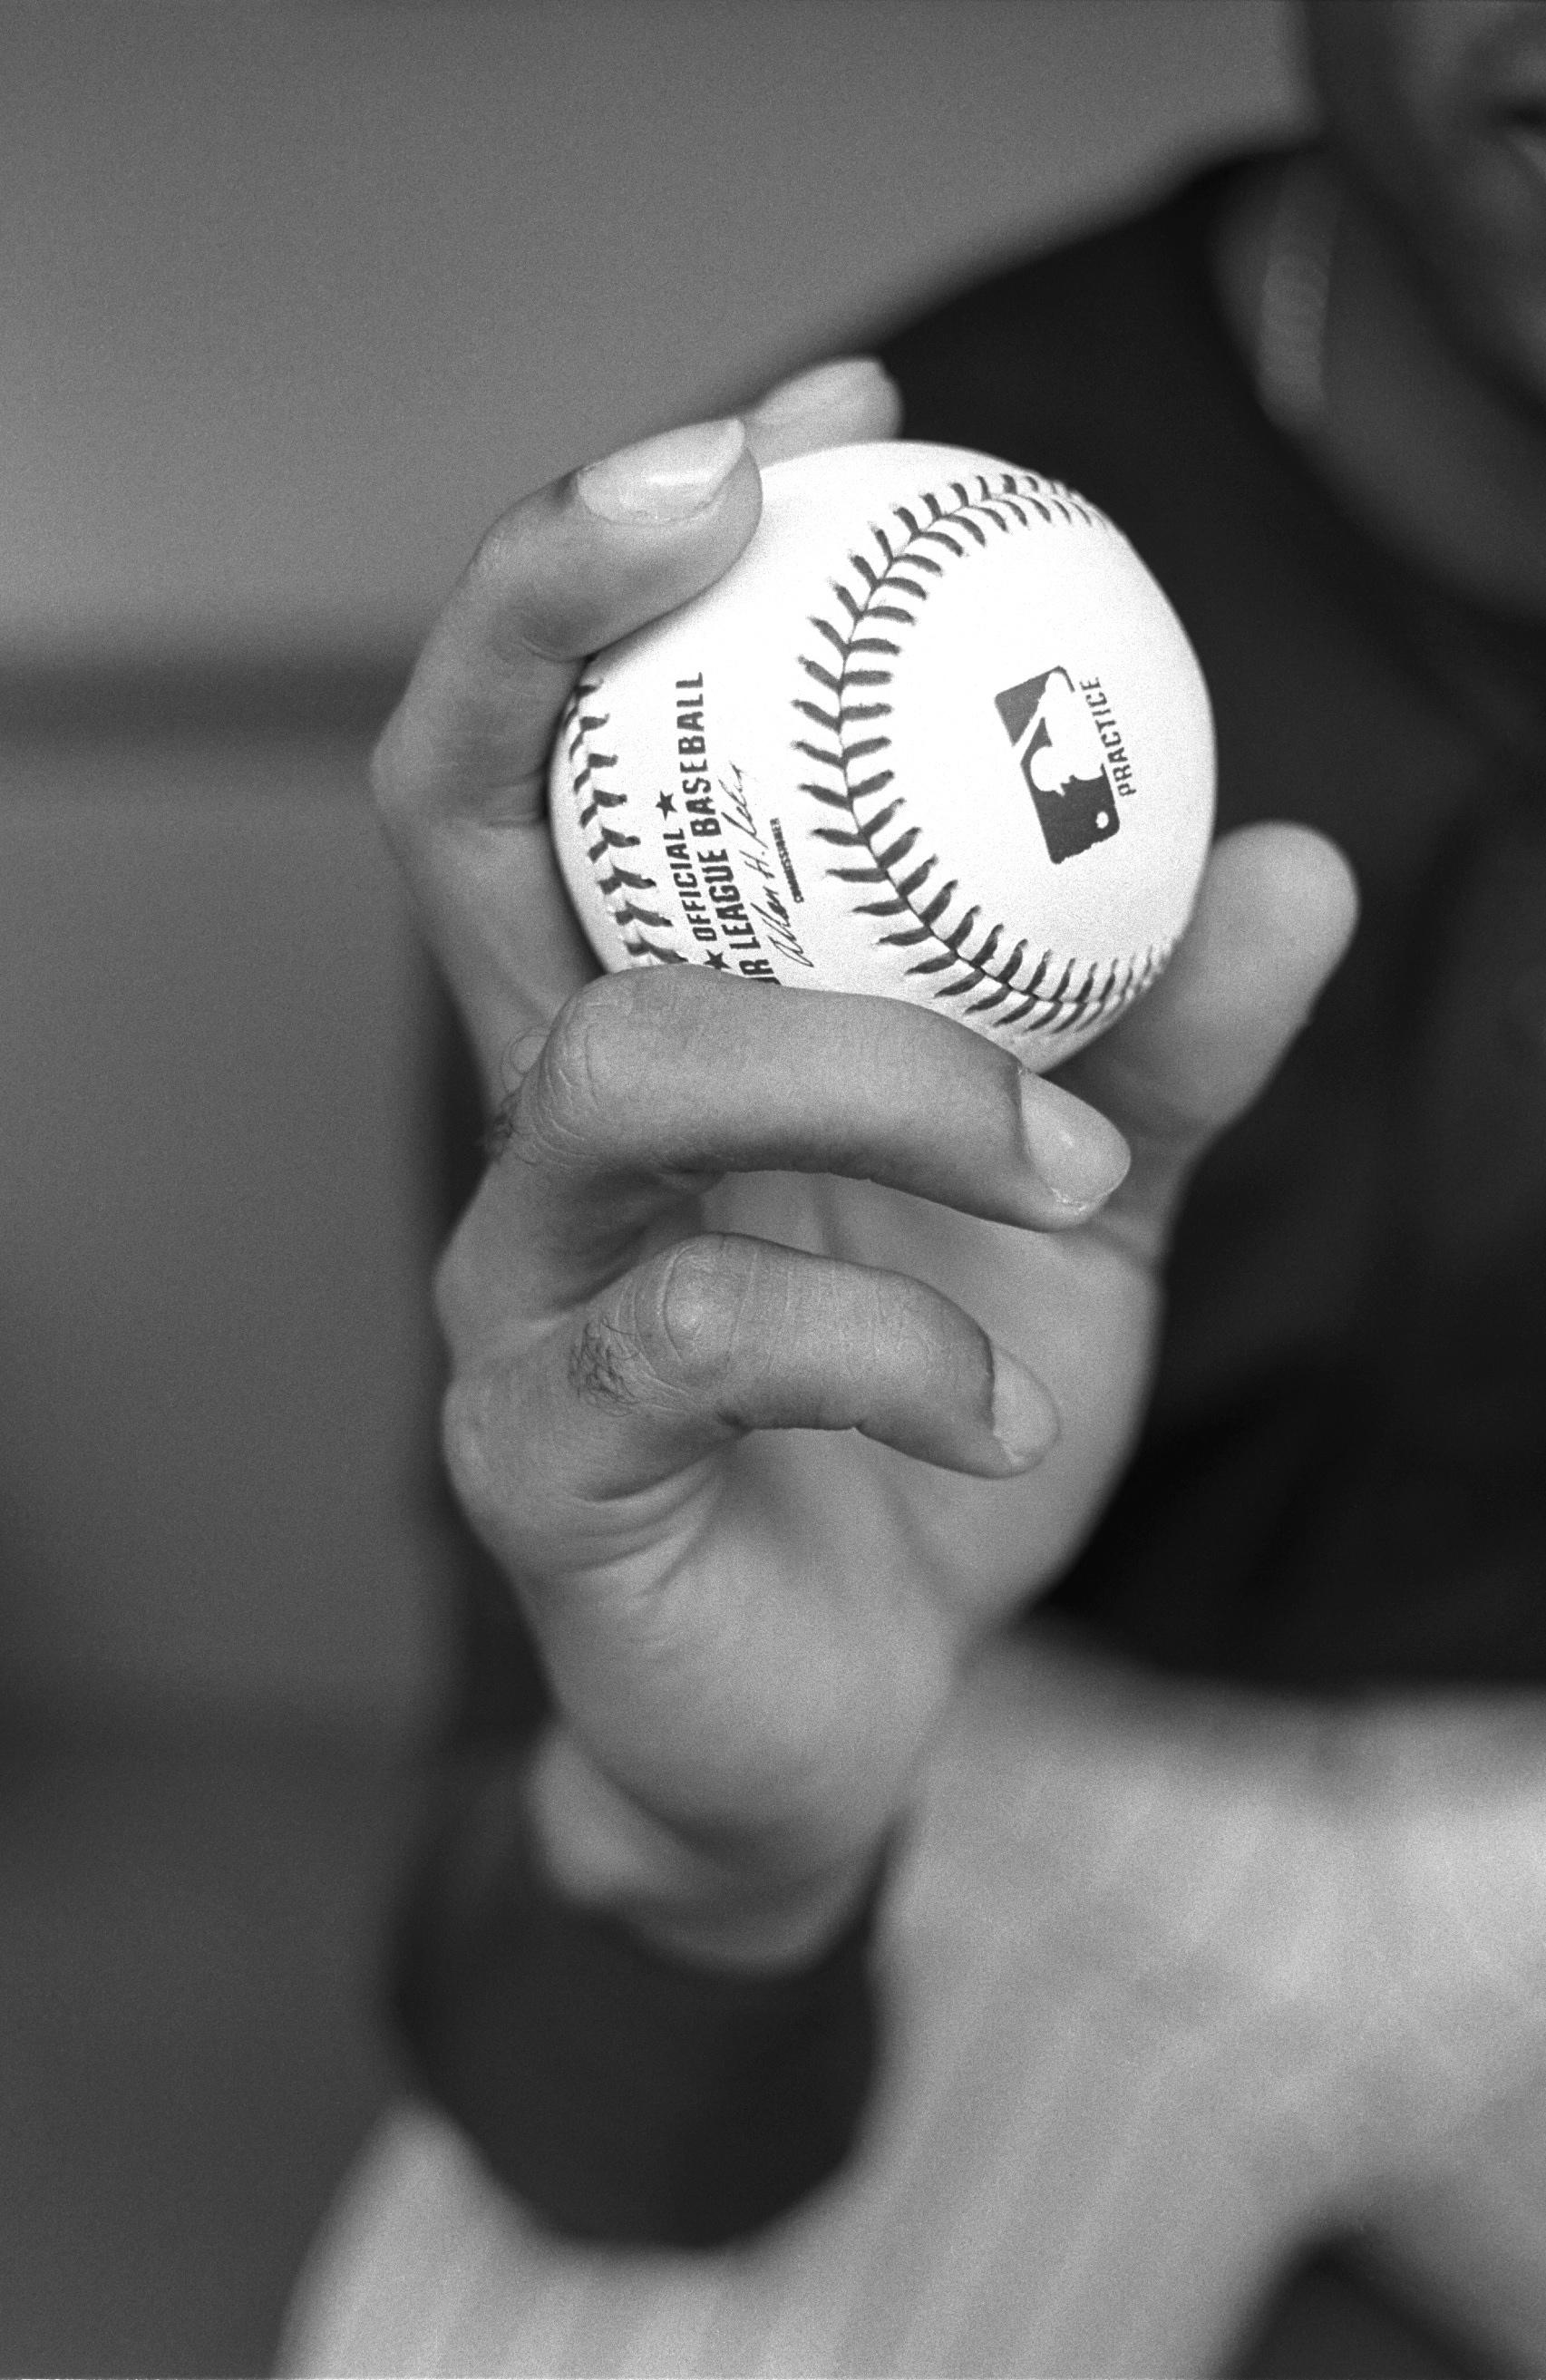 Hand of pitcher, Miguel Batista